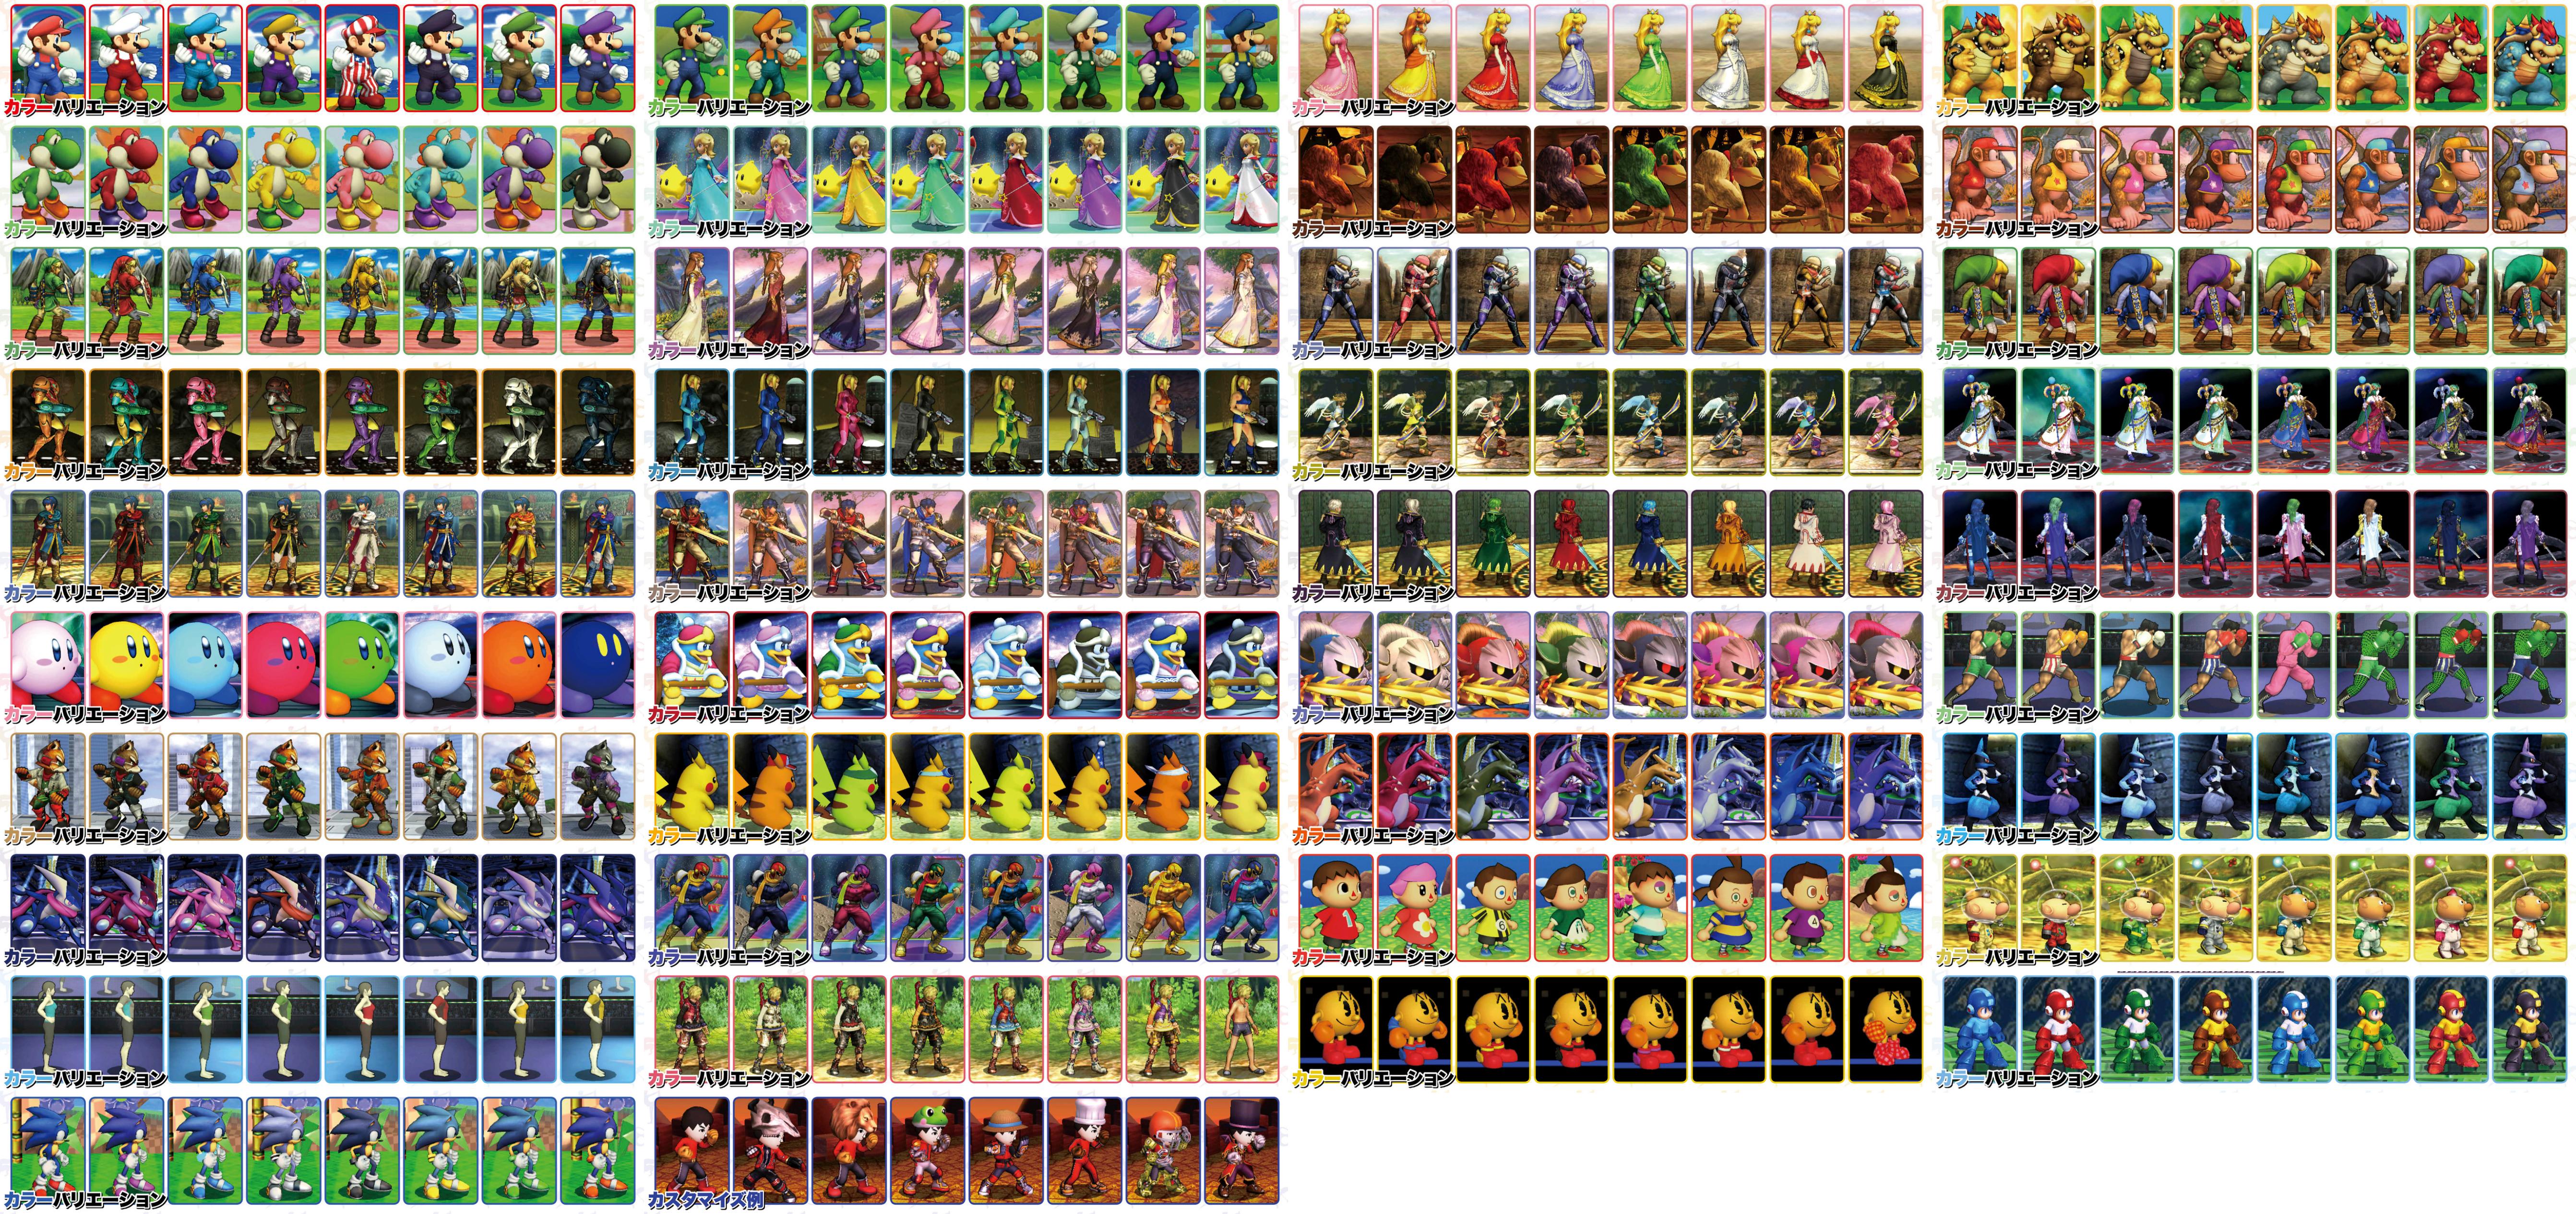 [GAMES] Super Smash Bros. - 50 NOVIDADES! - Página 2 15199565501_01604e426d_o